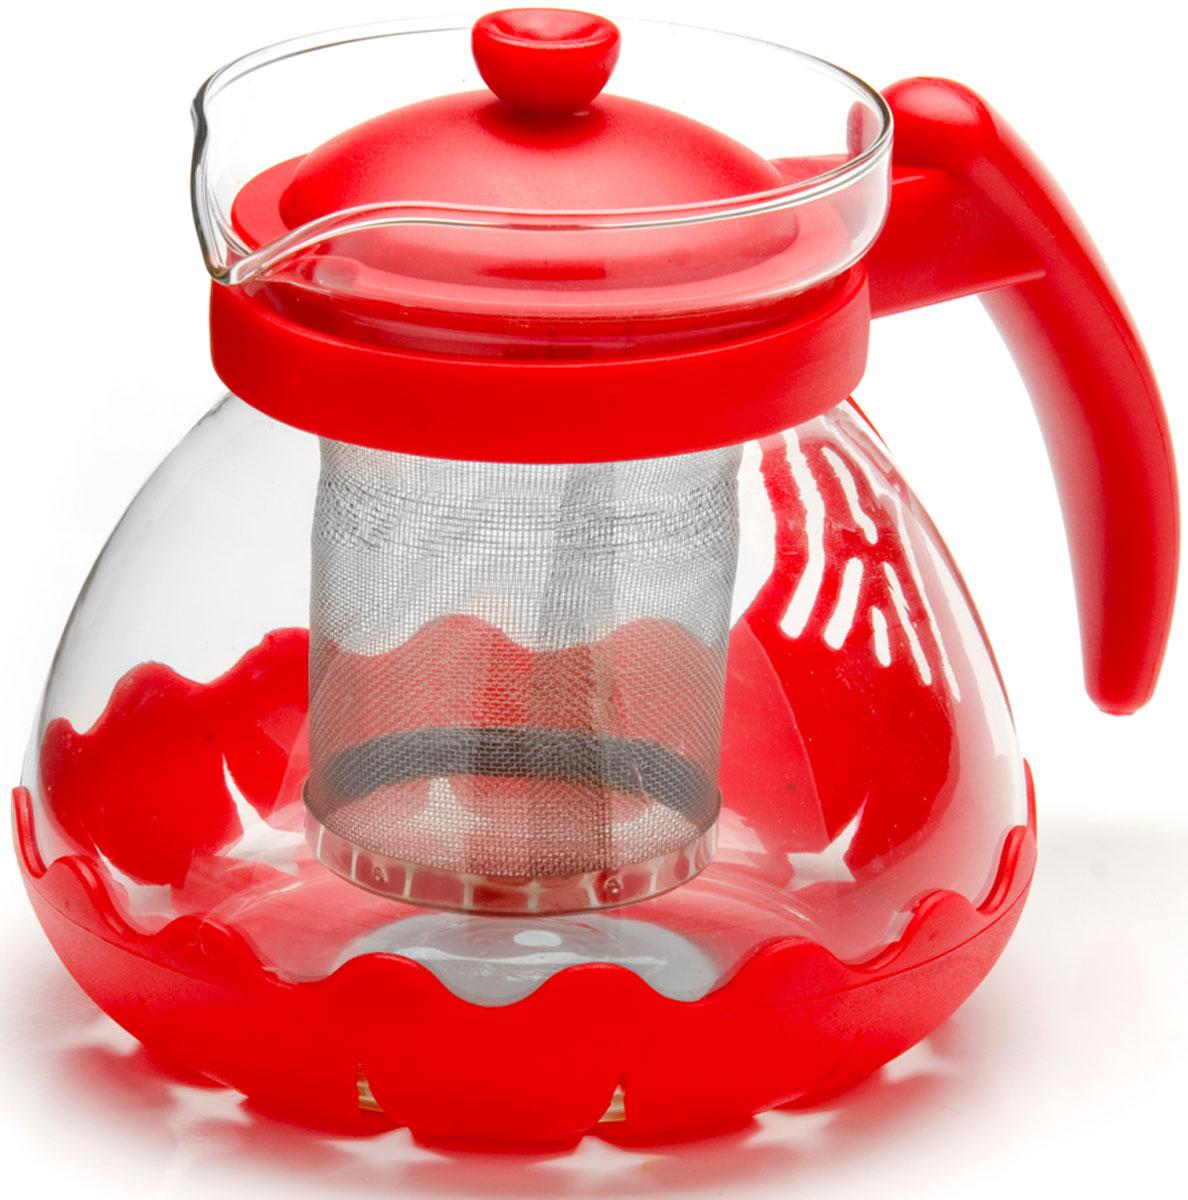 Чайник заварочный Mayer & Boch, с фильтром, цвет: красный, 700 мл. 26173-168/5/4Заварочный чайник Mayer & Boch изготовлен из термостойкого боросиликатного стекла, фильтр выполнен из нержавеющей стали. Изделия из стекла не впитывают запахи, благодаря чему вы всегда получите натуральный, насыщенный вкус и аромат напитков. Заварочный чайник из стекла удобно использовать для повседневного заваривания чая практически любого сорта. Но цветочные, фруктовые, красные и желтые сорта чая лучше других раскрывают свой вкус и аромат при заваривании именно в стеклянных чайниках, а также сохраняют все полезные ферменты и витамины, содержащиеся в чайных листах. Стальной фильтр гарантирует прозрачность и чистоту напитка от чайных листьев, при этом сохранив букет и насыщенность чая.Прозрачные стенки чайника дают возможность насладиться насыщенным цветом заваренного чая. Изящный заварочный чайник Mayer & Boch будет прекрасно смотреться в любом интерьере. Подходит для мытья в посудомоечной машине.